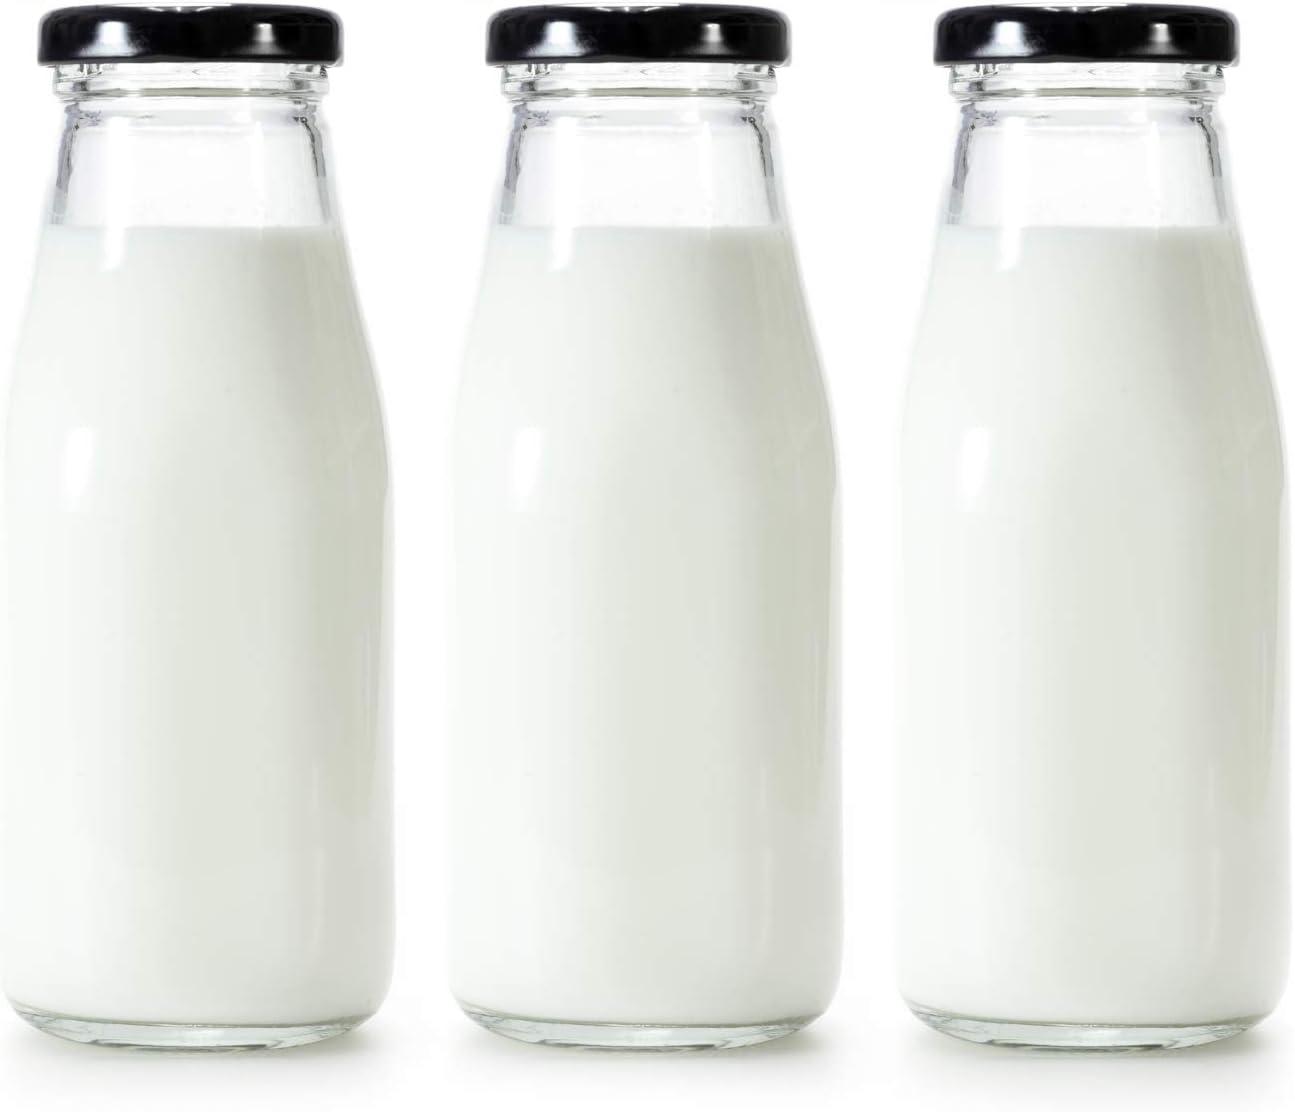 1 brosse /à paille pour int/érieur et ext/érieur 1 paille Lot de 2 bouteilles deau en carton de lait transparent mignonnes pour enfants avec 50 autocollants 1 brosse